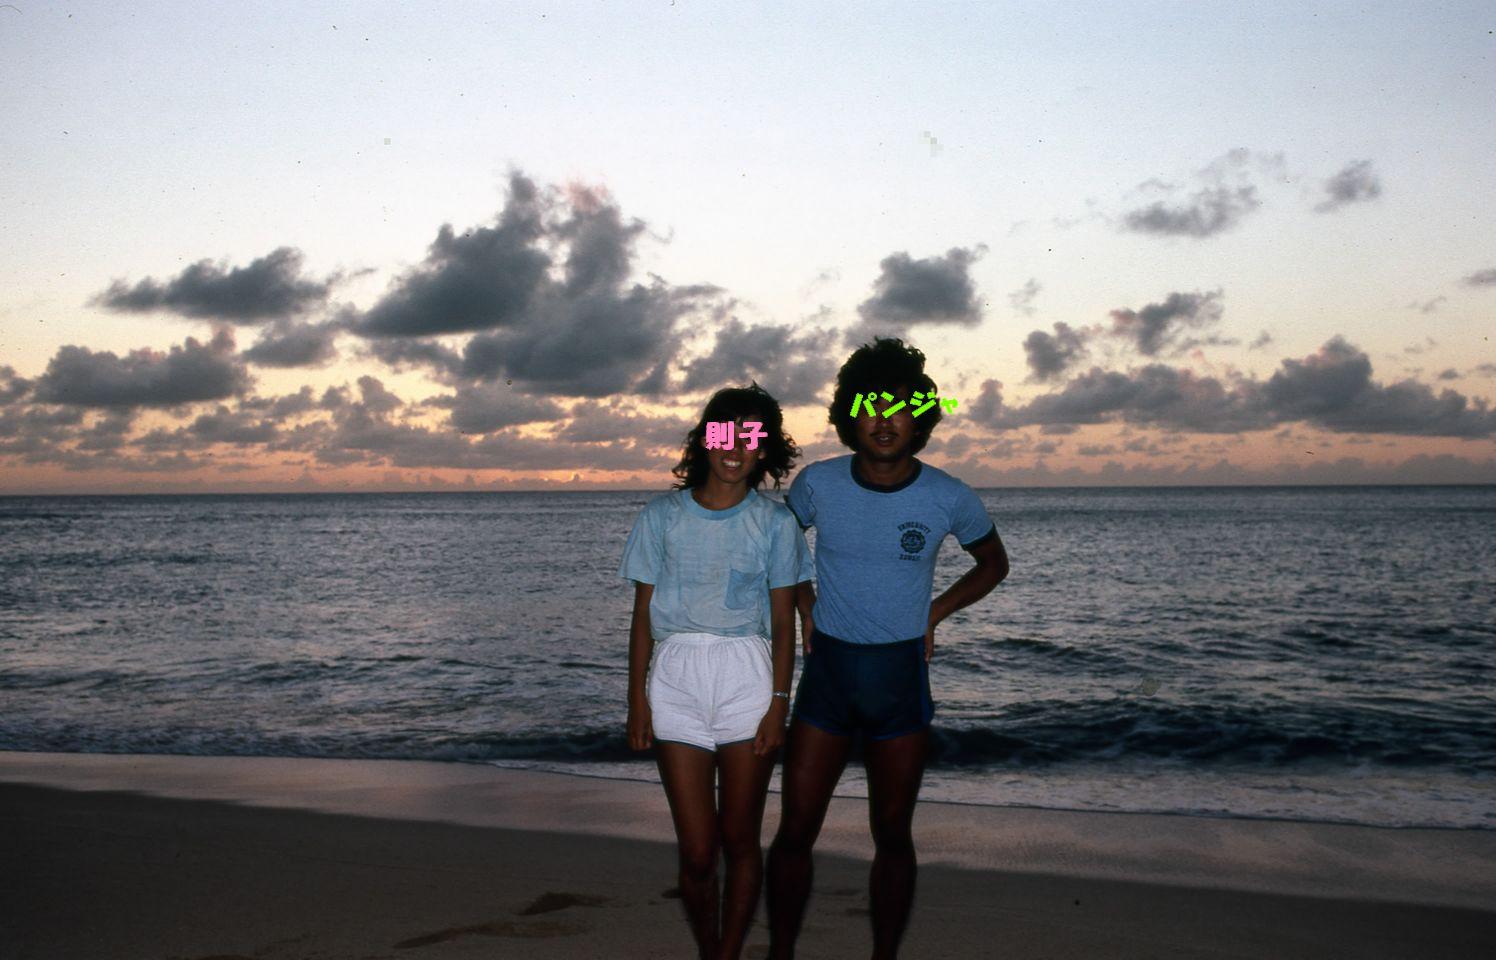 昔のハワイ画像_f0128542_101447.jpg